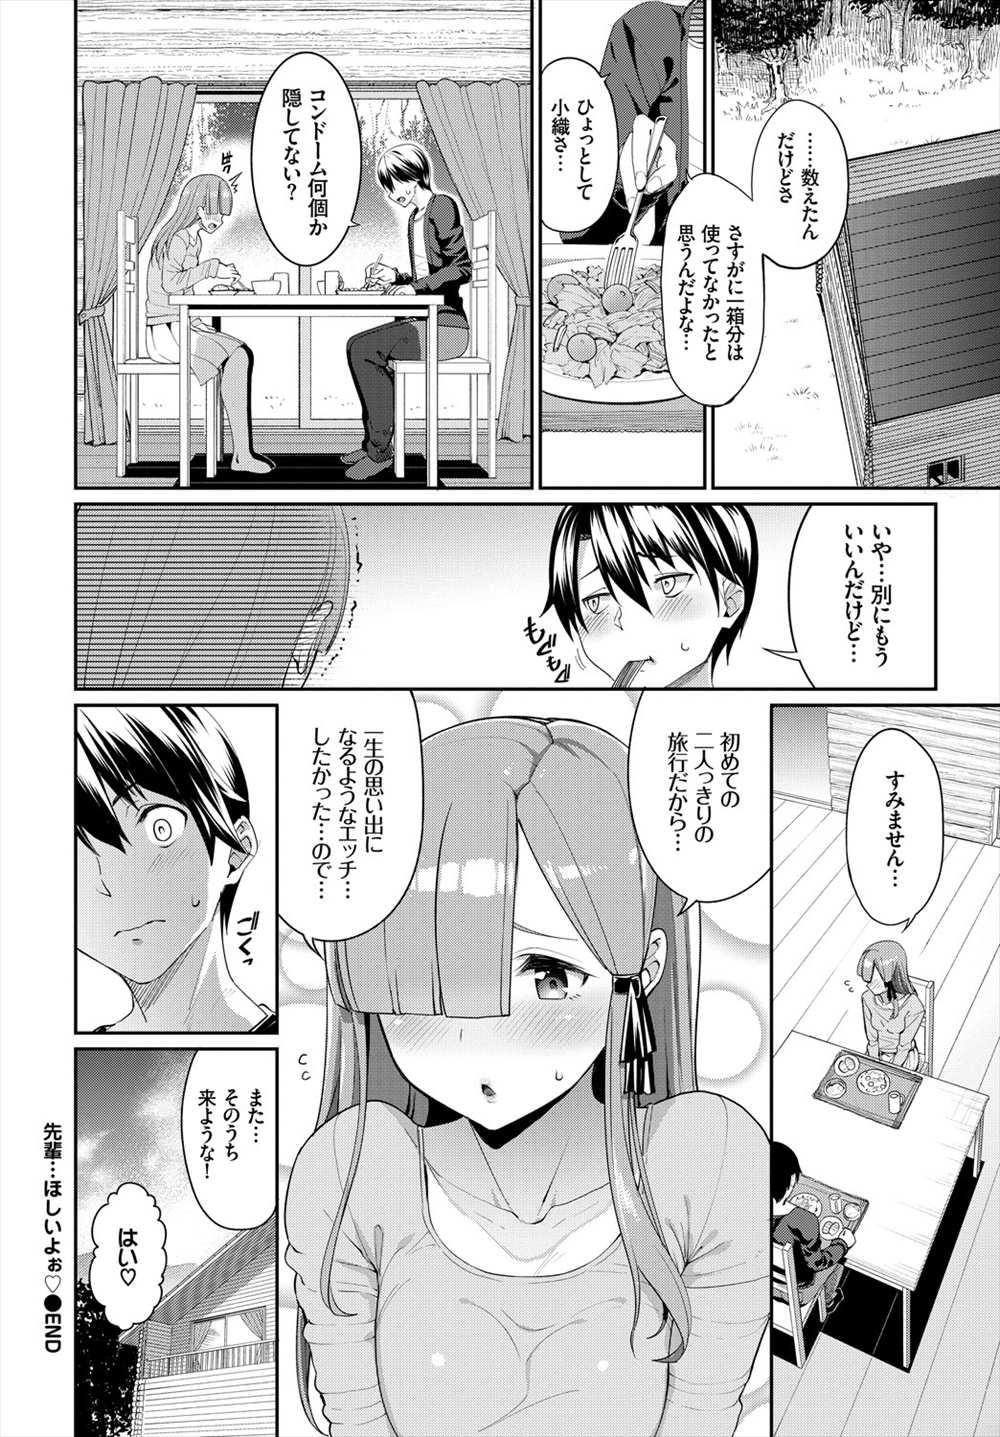 【エロ漫画】ペンションにお泊りにきたら即発情…ヤリマンの彼女とひたすらパコパコしているwww【朝峰テル:先輩…ほしいよぉ】